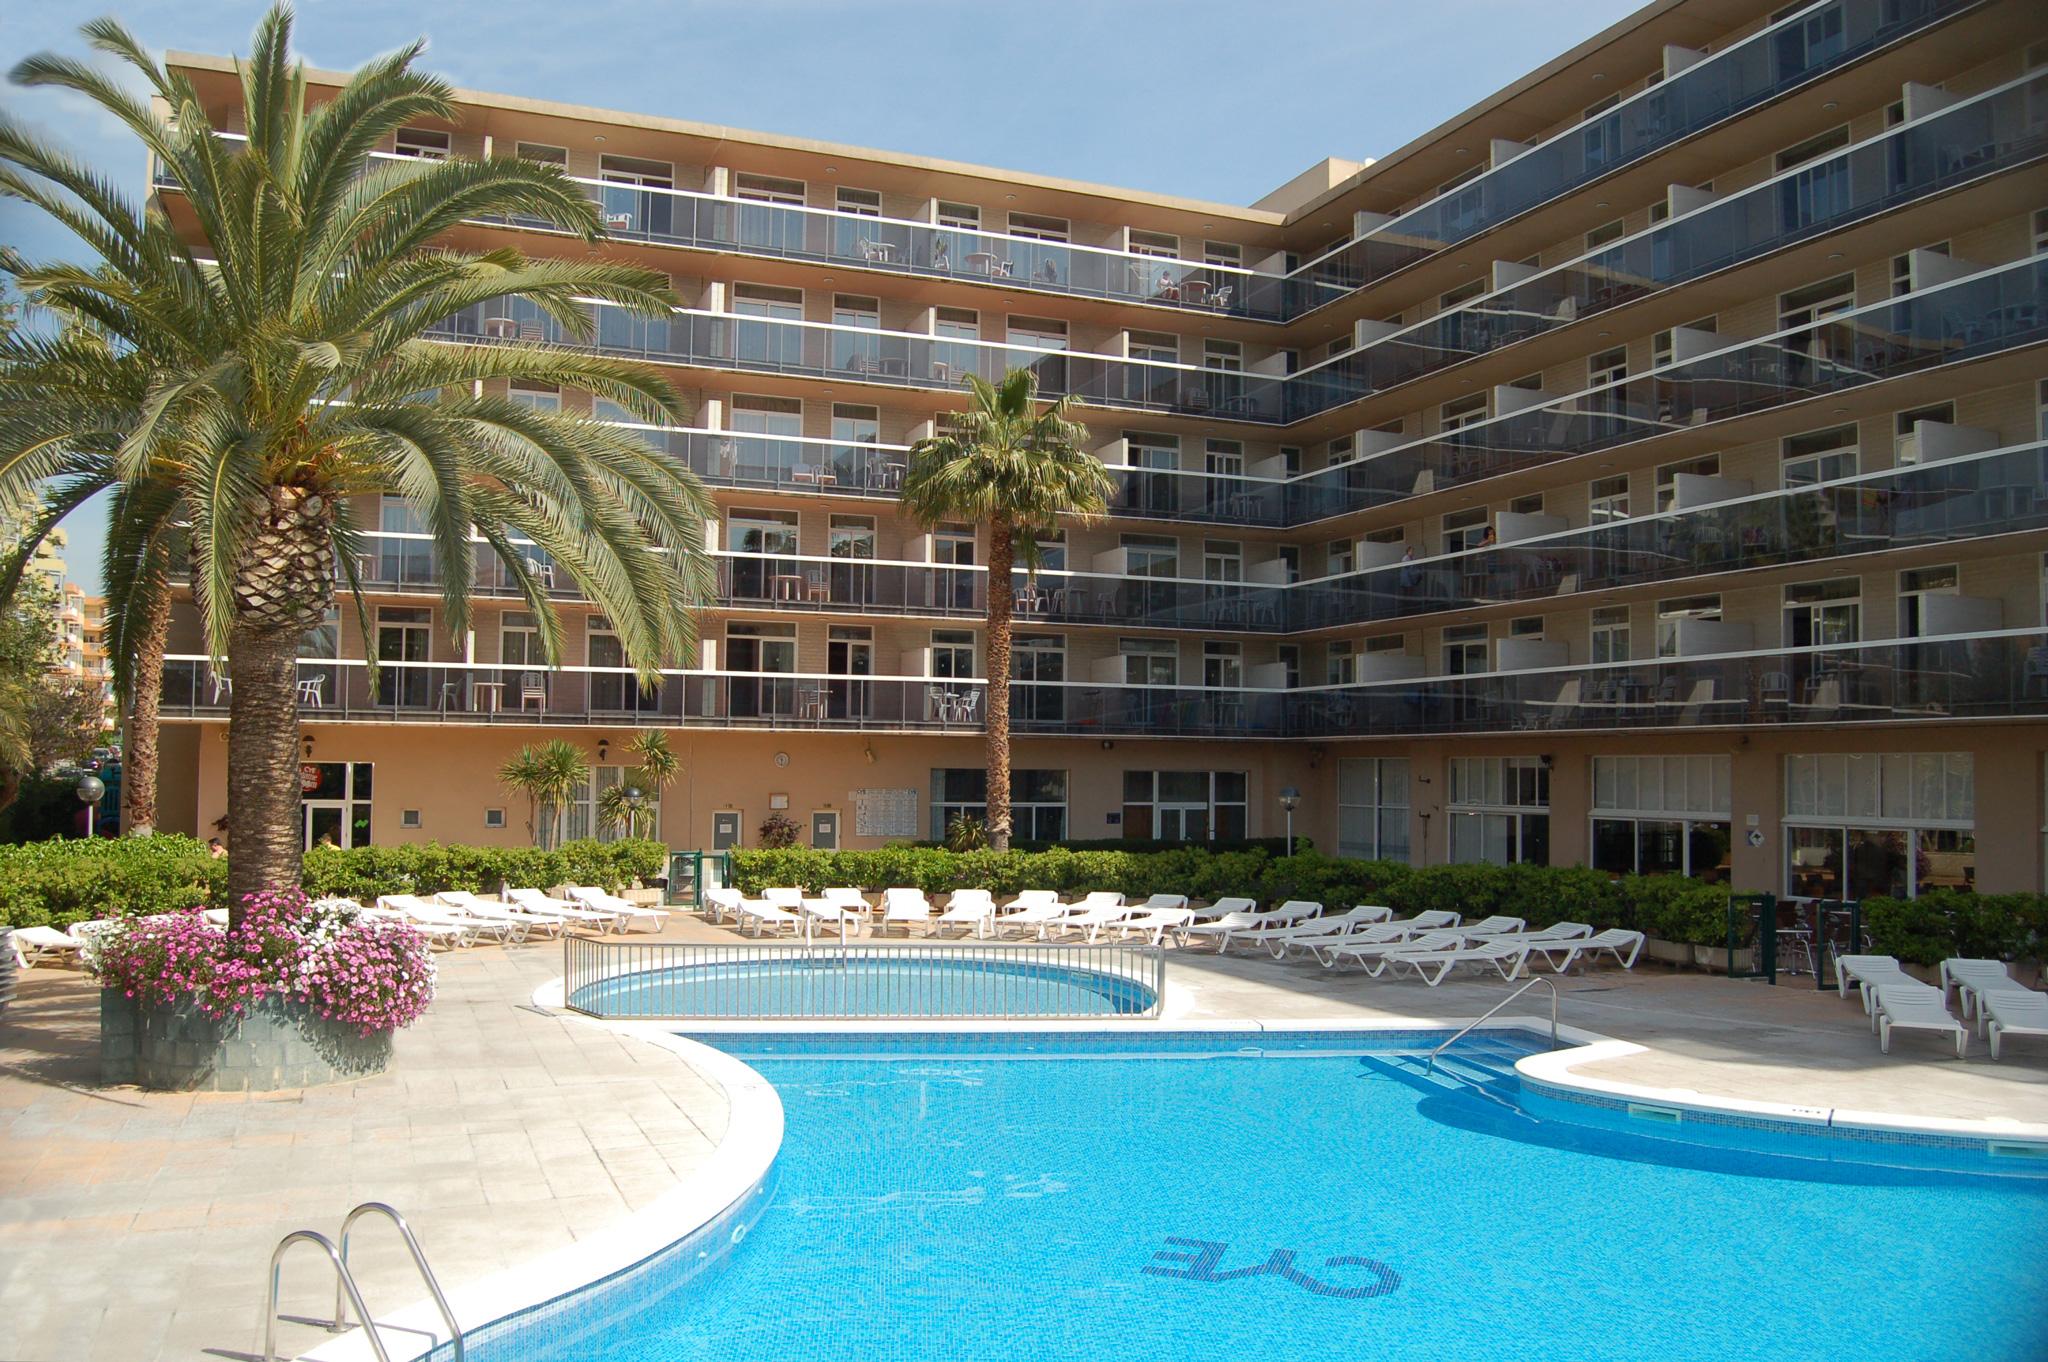 Apartaments CYE Salou *** | Web Oficial Mejor Precio